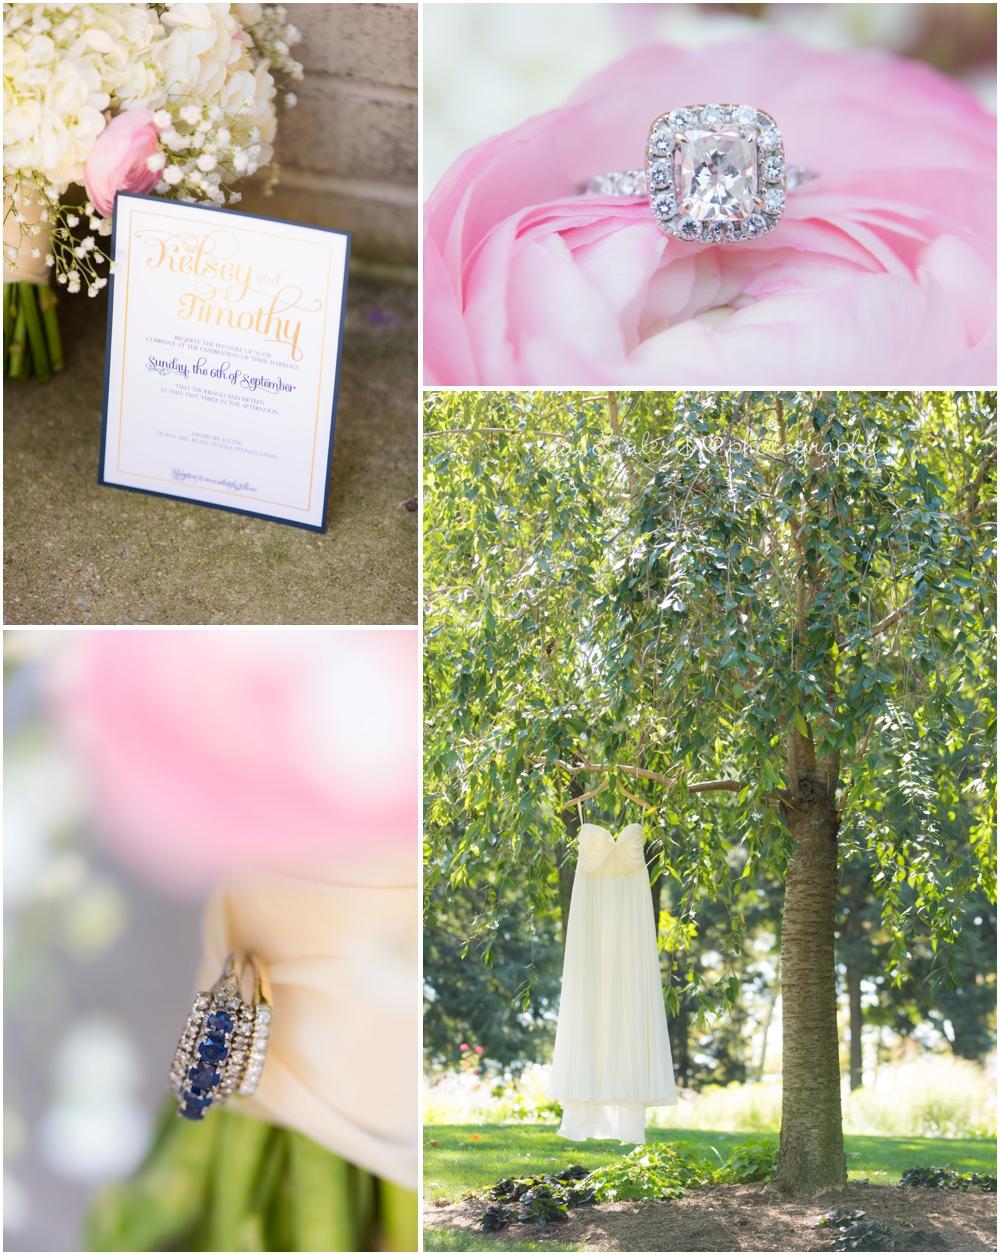 elegant wedding details at drummer estate in pa by jacnjules